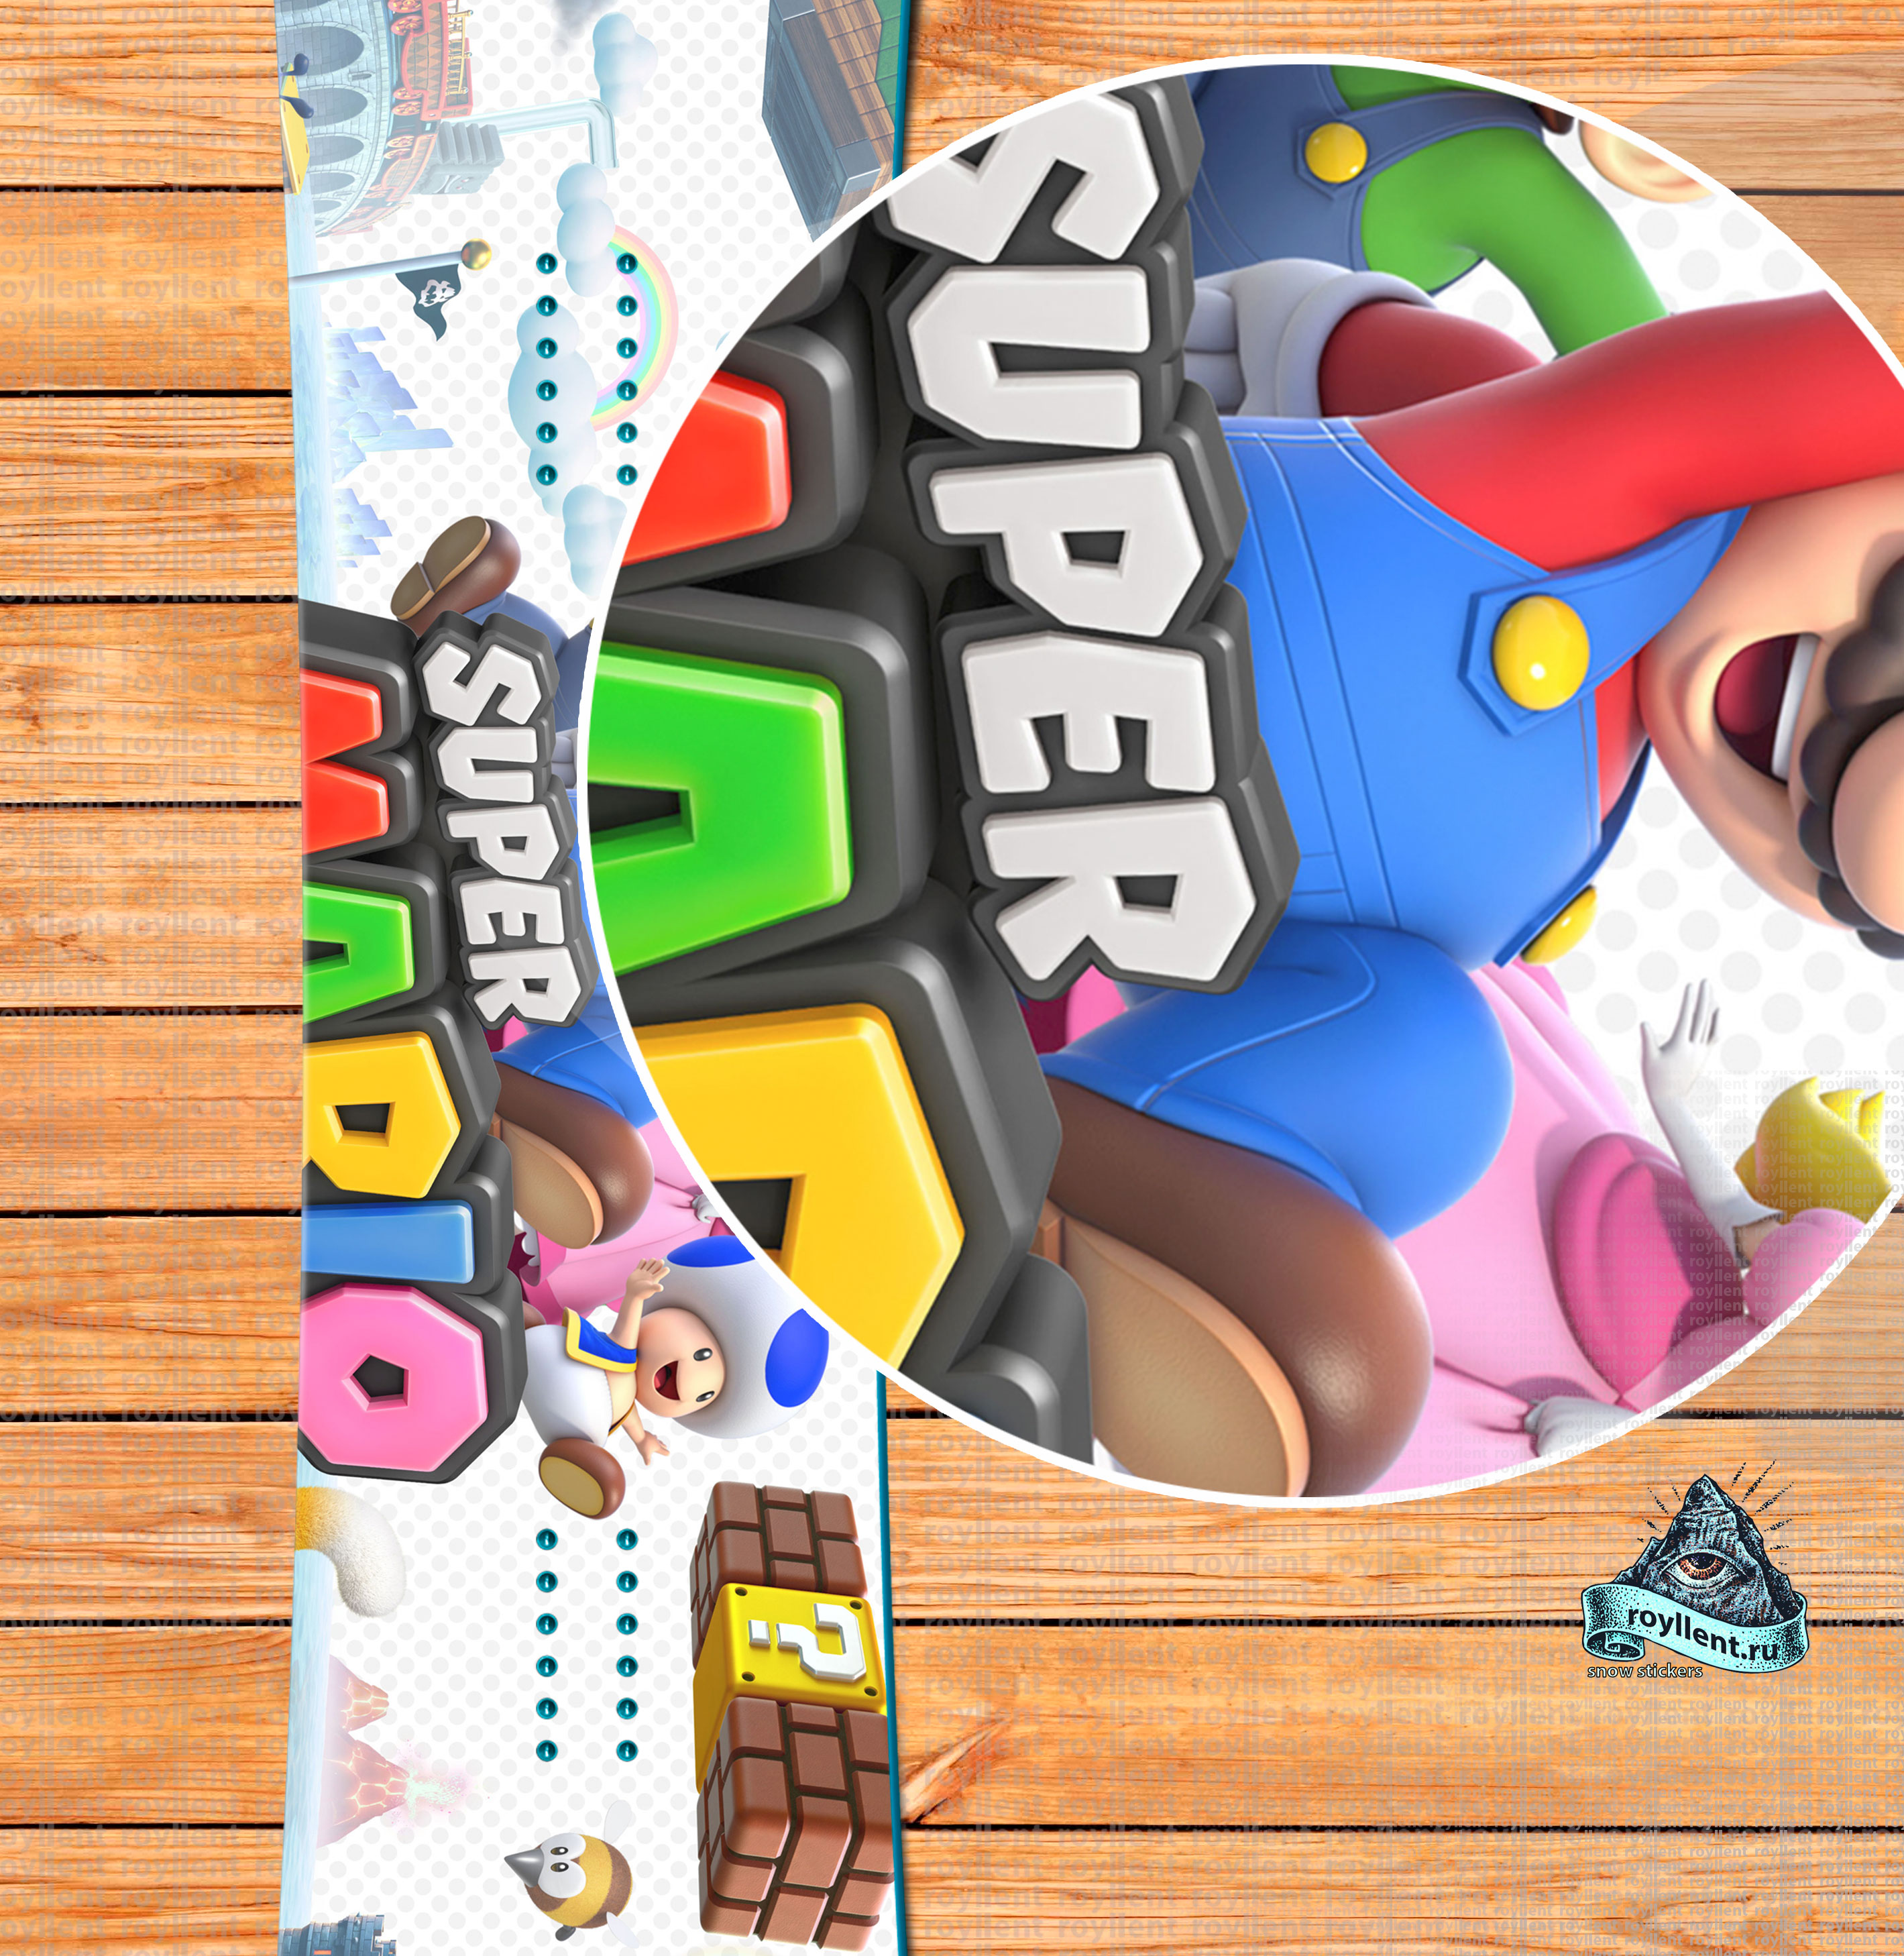 Наклейка Super Mario 3D World, наклейка Super Mario 3D World , наклейка на доску Super Mario 3D World , сноуборд наклейкаSuper Mario 3D World , виниловая наклейка Super Mario 3D World, магазин наклеек Super Mario 3D World , купить наклейку Super Mario 3D World , стикер Super Mario 3D World , sticker Super Mario 3D World , наклейка, Полноразмерная наклейка на сноуборд